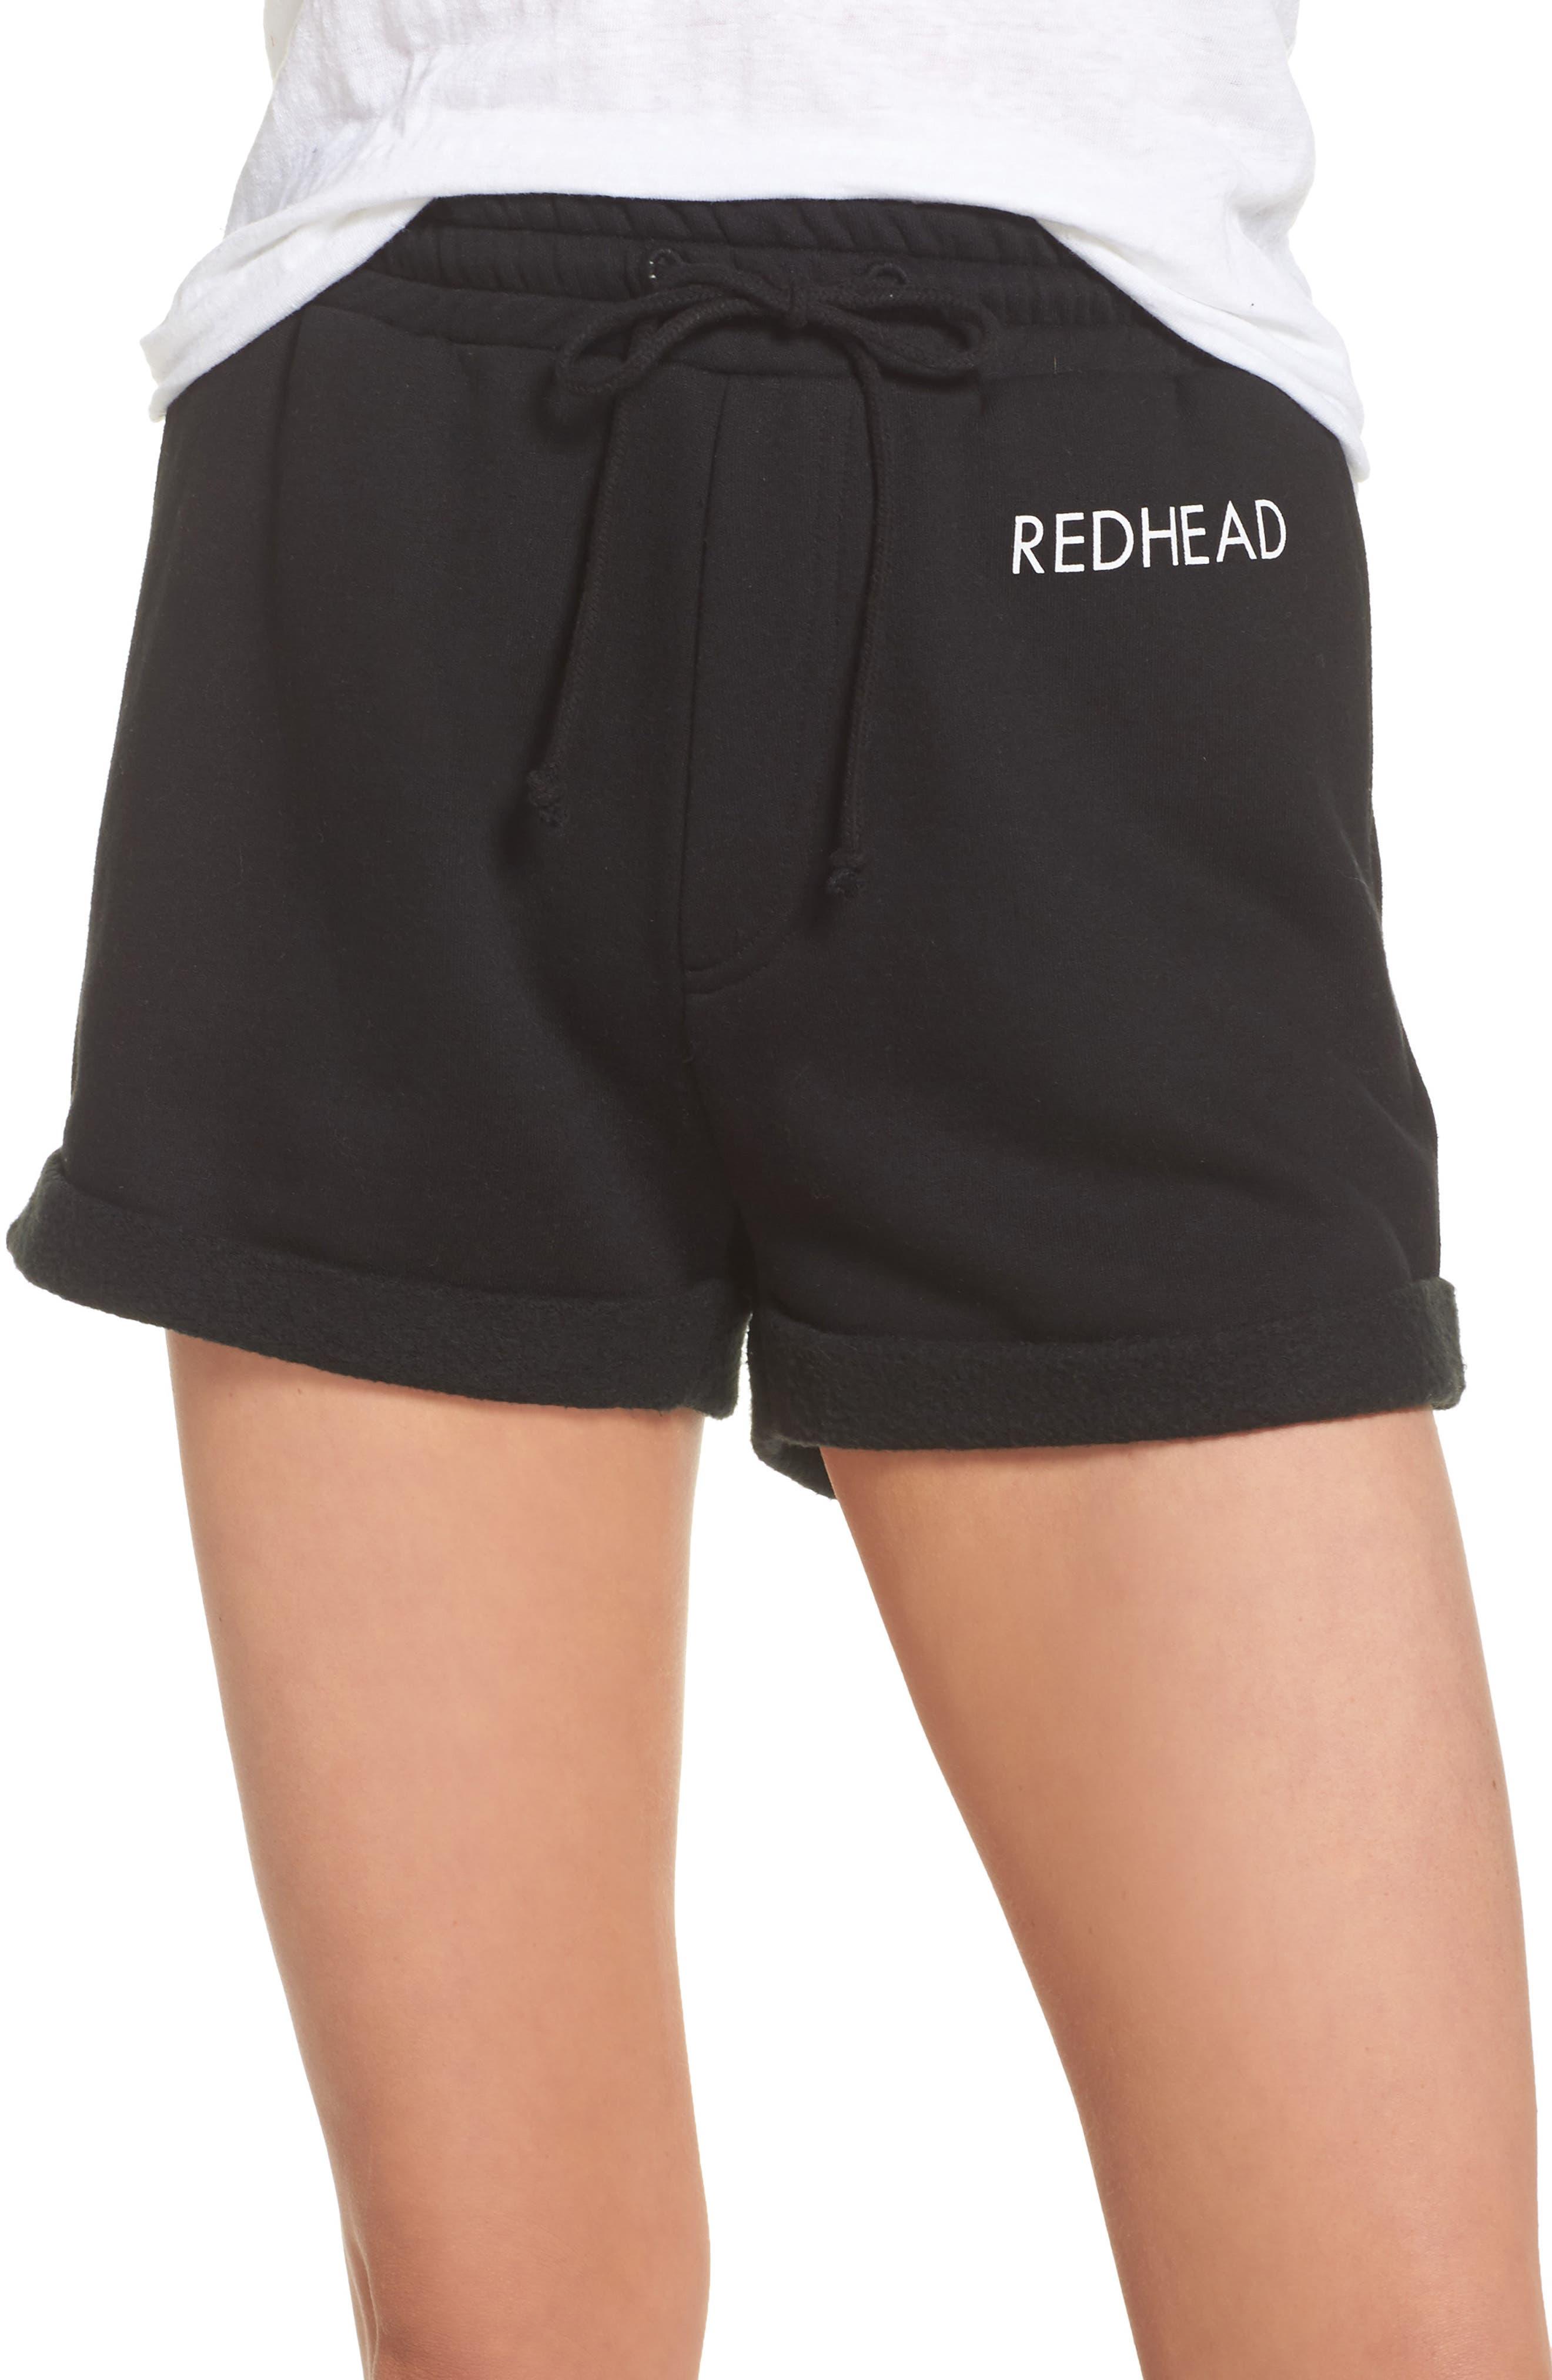 Redhead Shorts,                             Main thumbnail 1, color,                             010